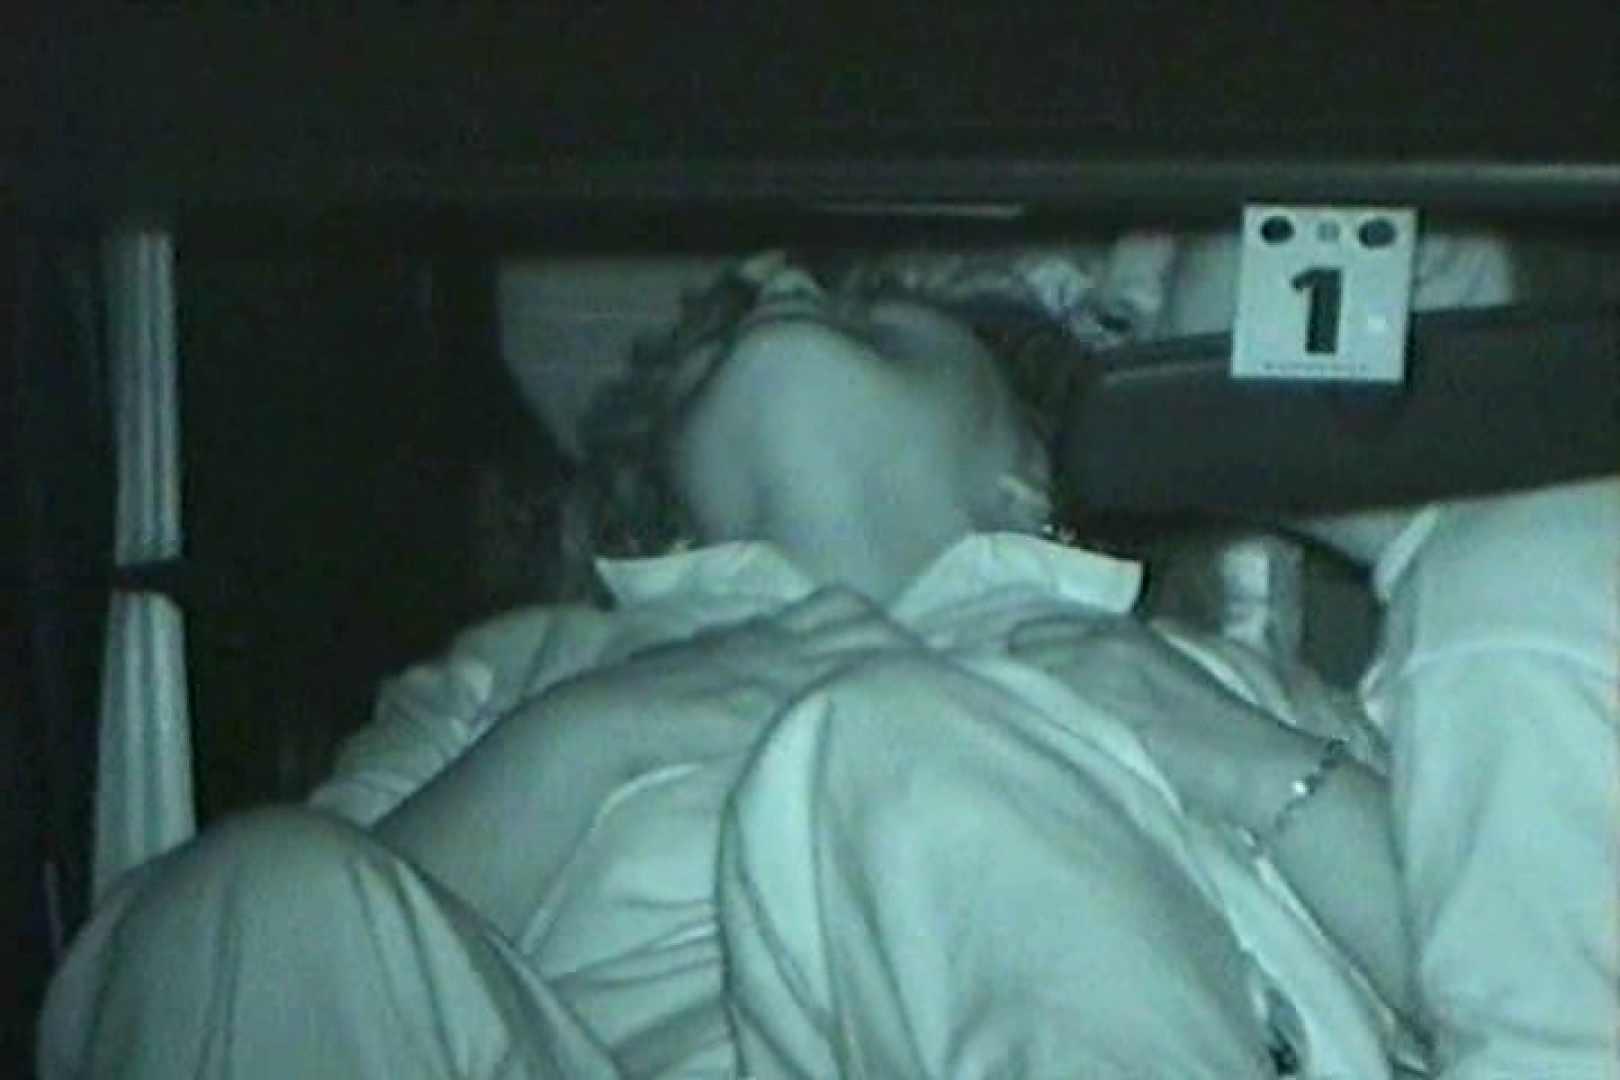 車の中はラブホテル 無修正版  Vol.24 素人ギャル女  25連発 21